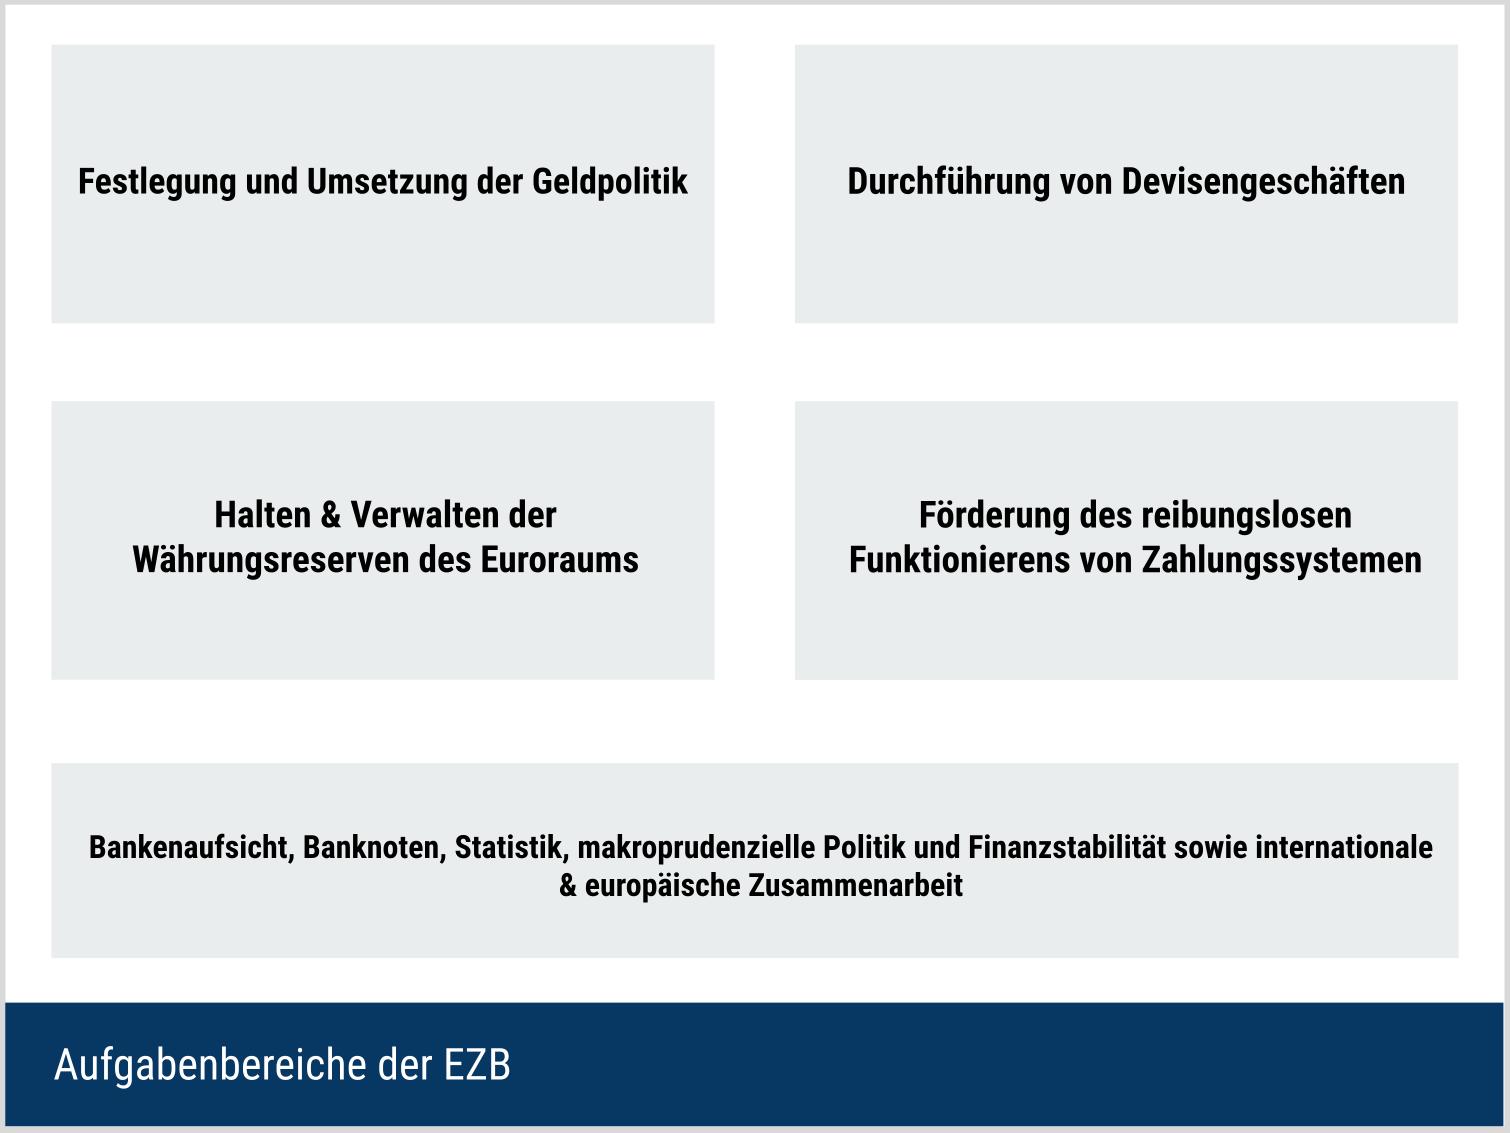 Aufgaben der EZB